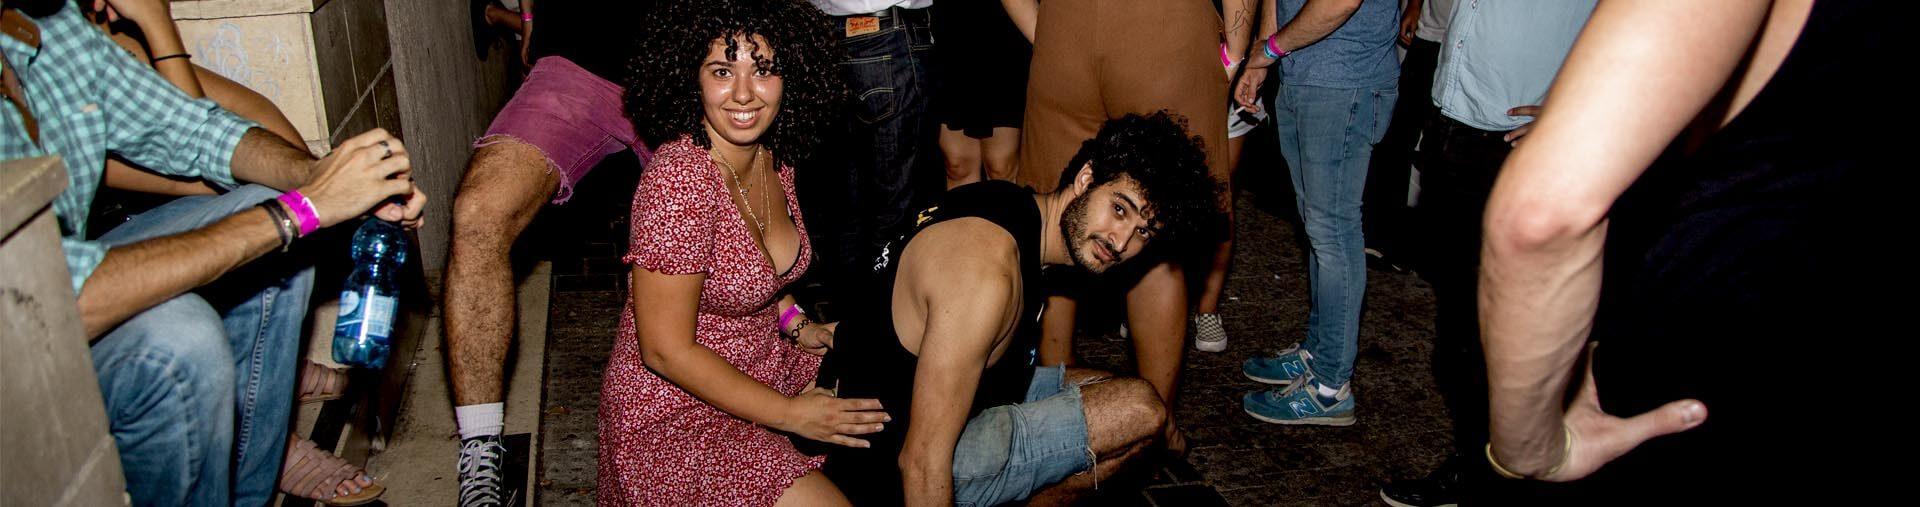 pub crawl night in tel aviv